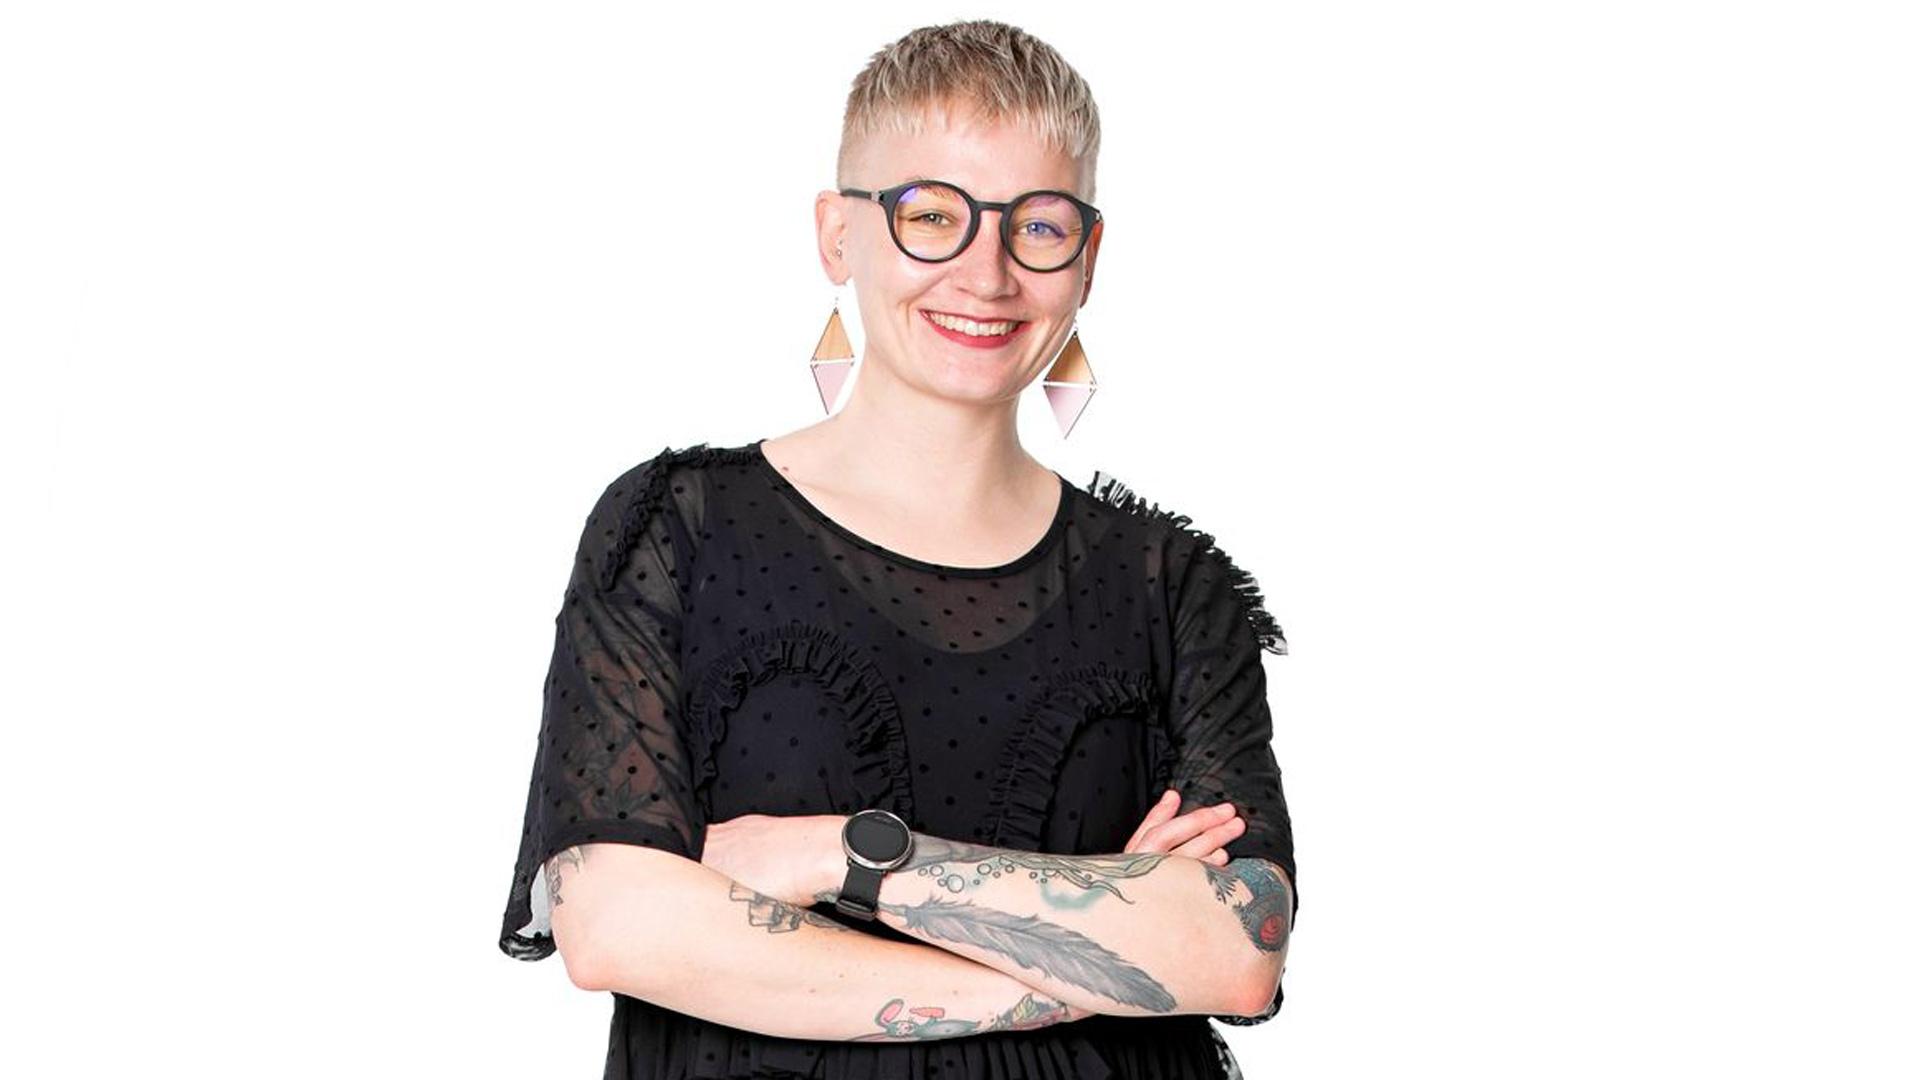 Anni Saastamoinenon kirjailija ja radiotoimittaja.